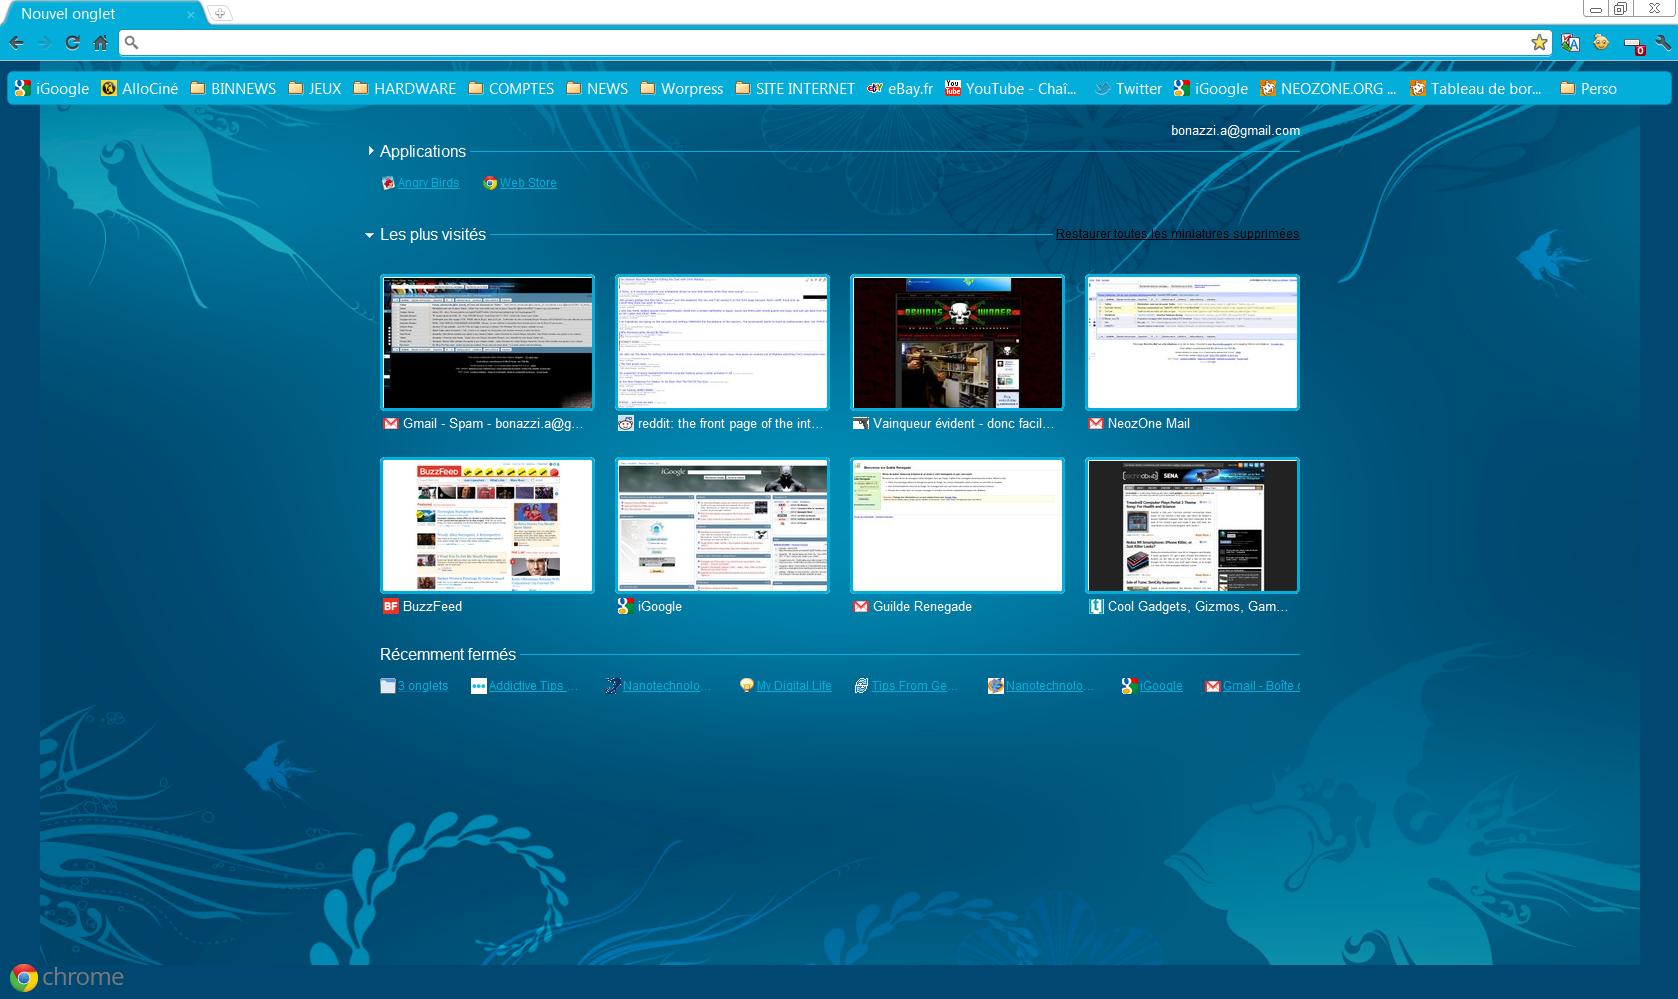 Google themes windows 8 - Un Th Me Windows 8 Pour Google Chrome